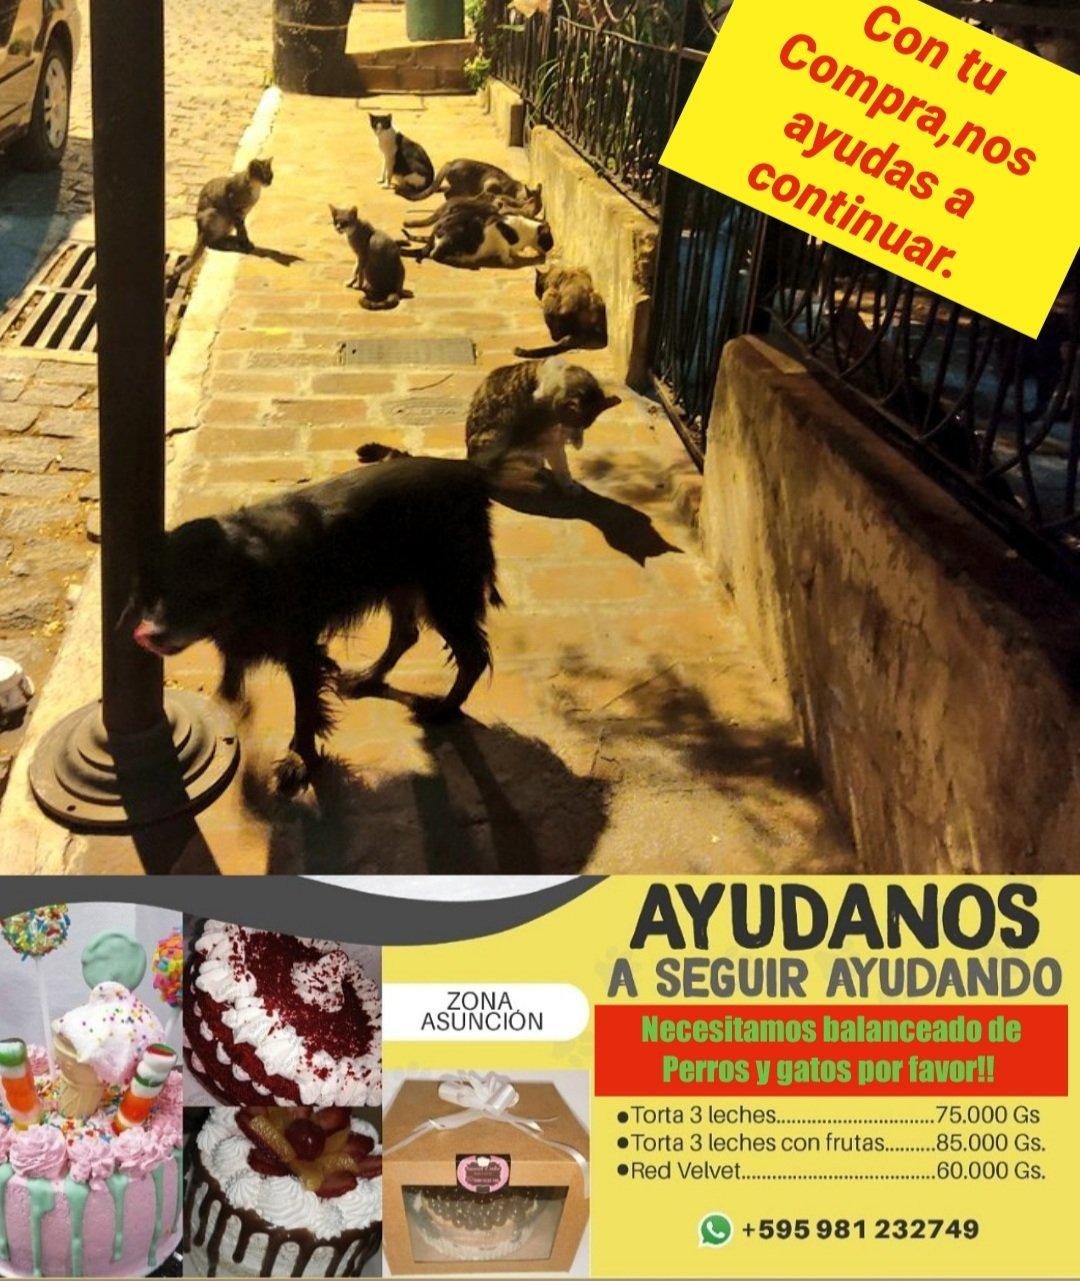 Cartel de ayuda para ventas; Mujer vende pasteles caseros para alimentar a 50 animales callejeros